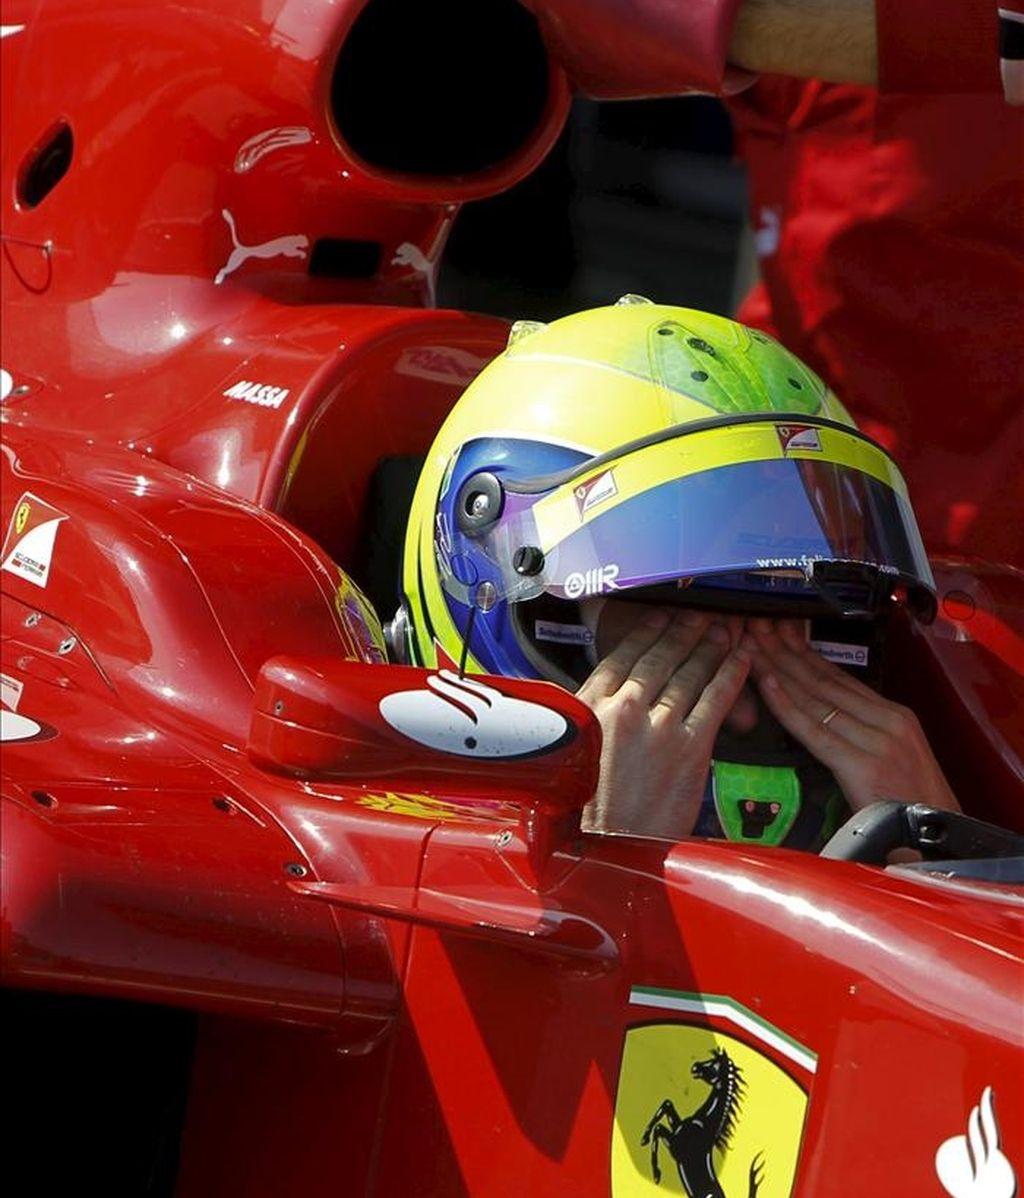 El piloto brasileño Felipe Massa, de la escudería Ferrari, se seca el sudor, durante los entrenamientos de pretemporada de Fórmula Uno que comenzaron hoy en el circuito de Jerez, en el que participan once escuderías. EFE